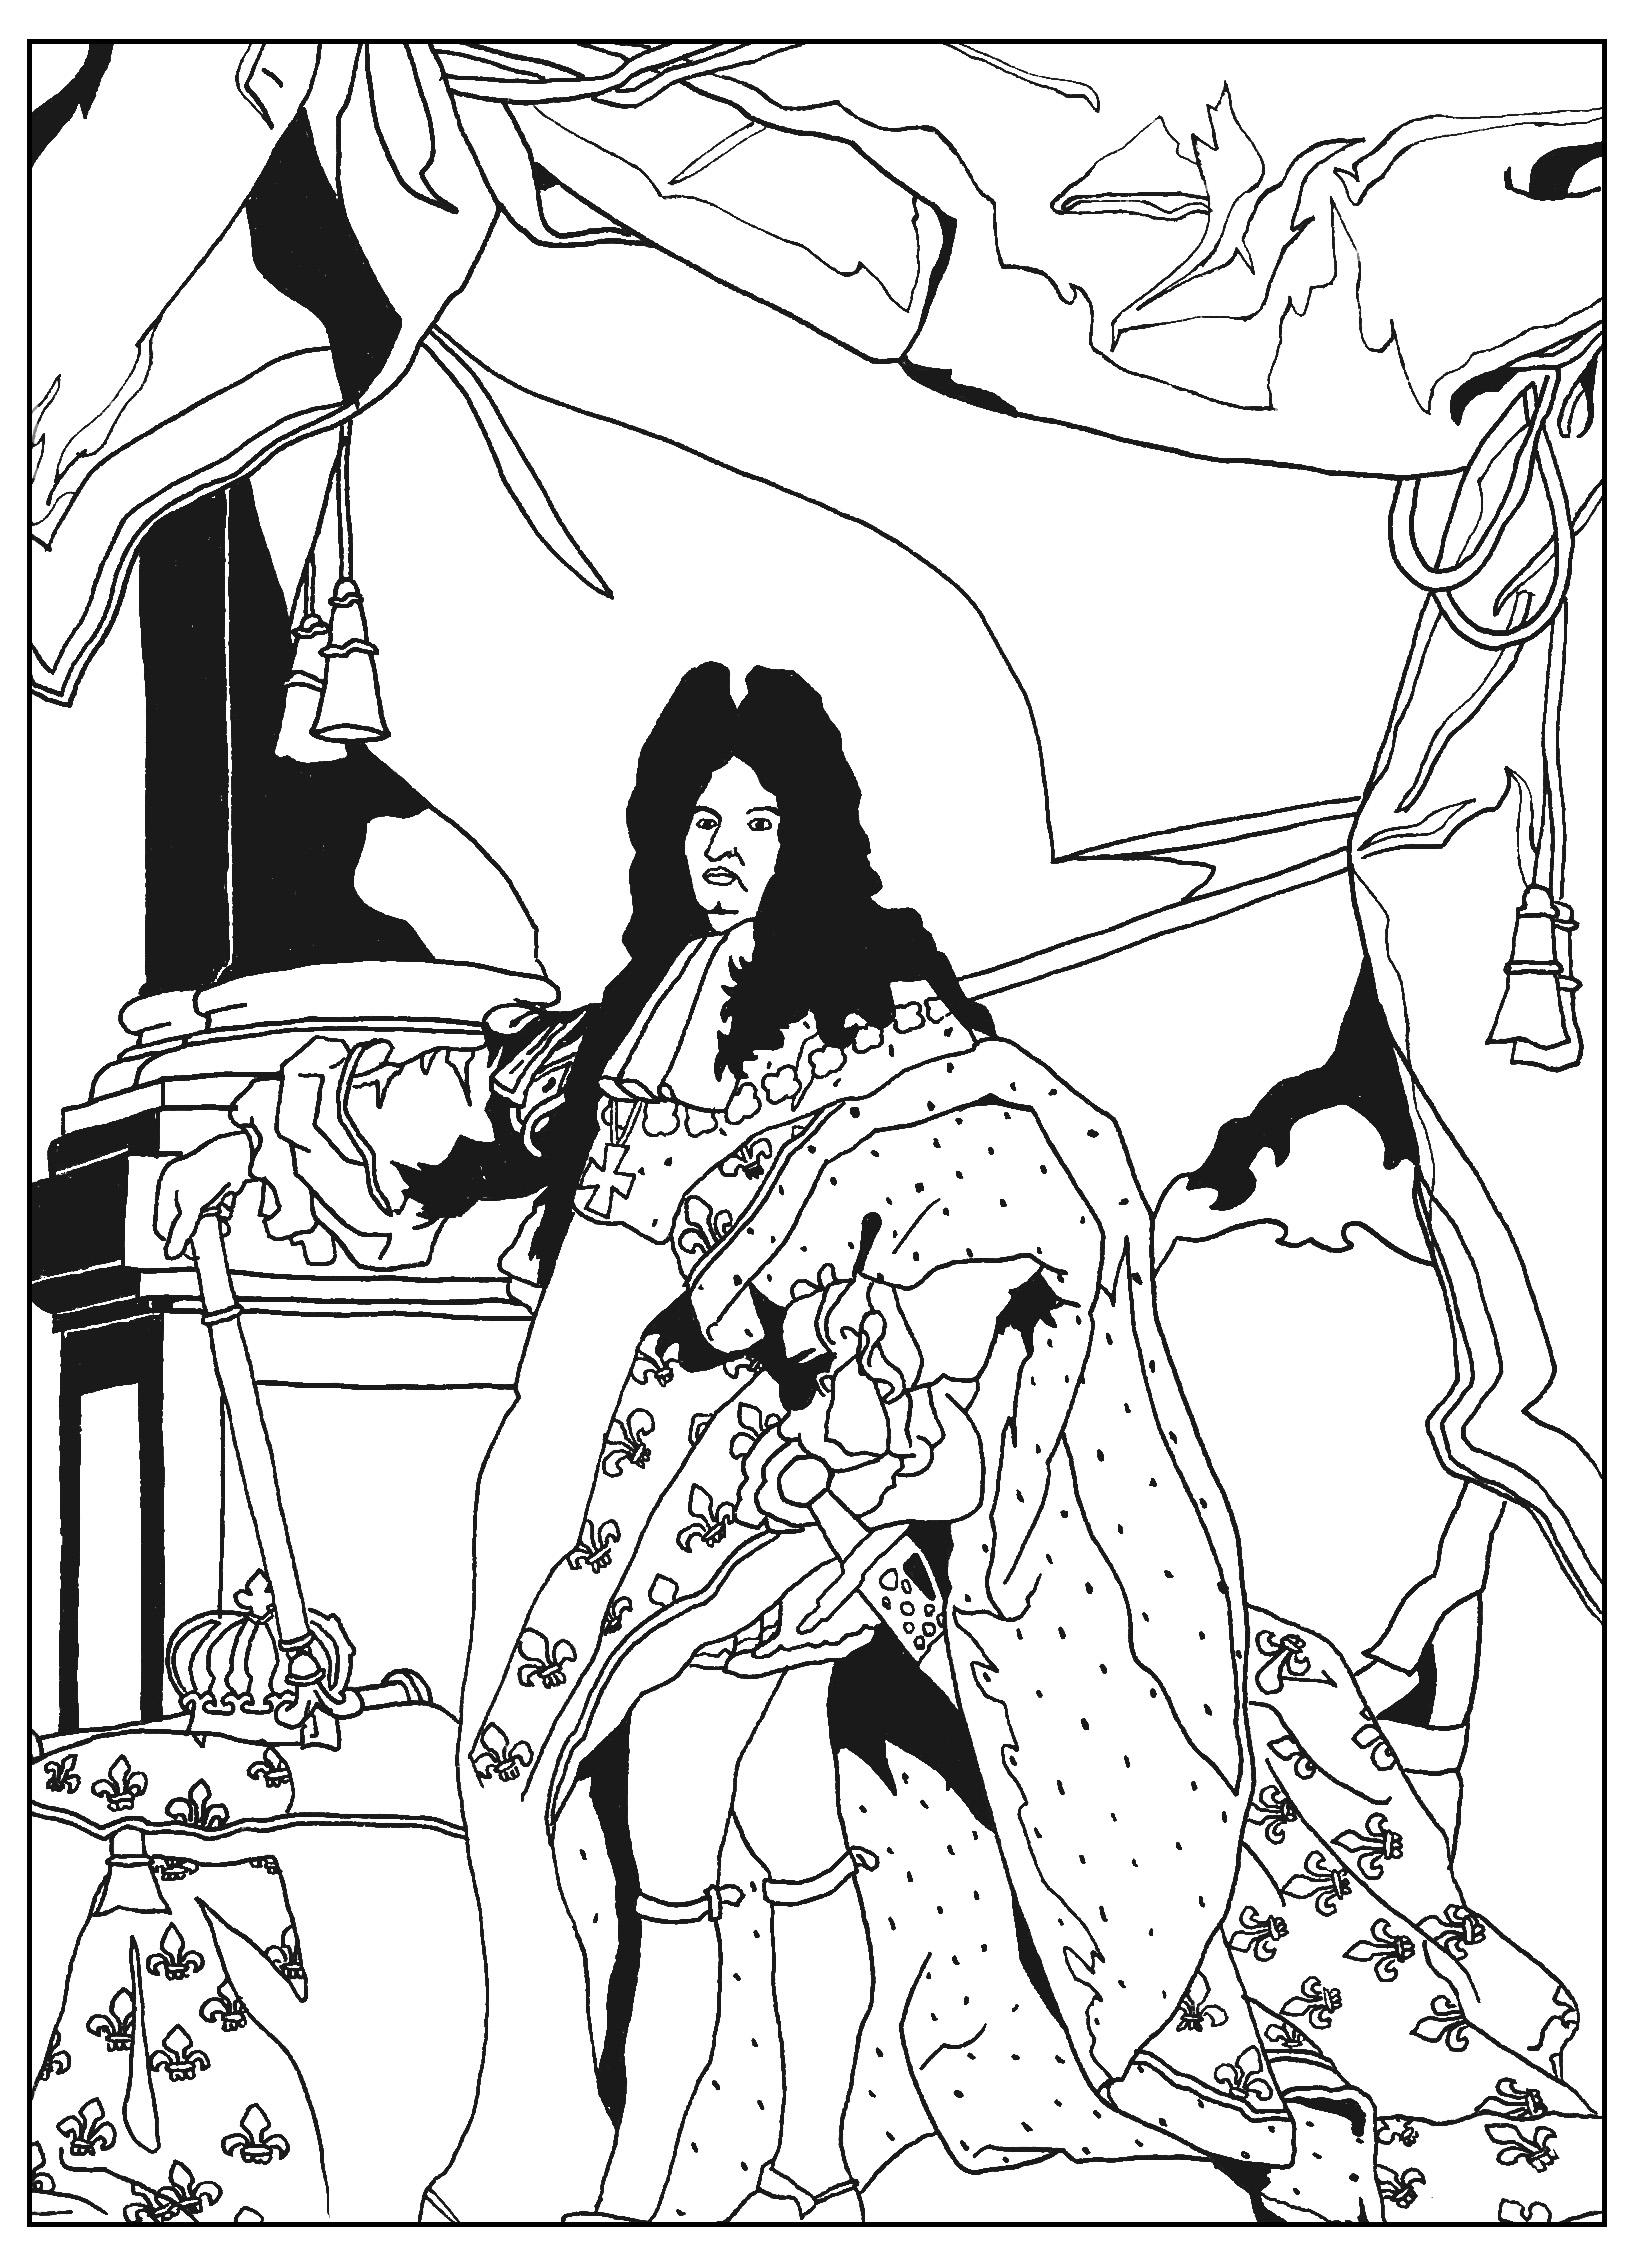 Colorear para adultos : Reyes y reinas - 20